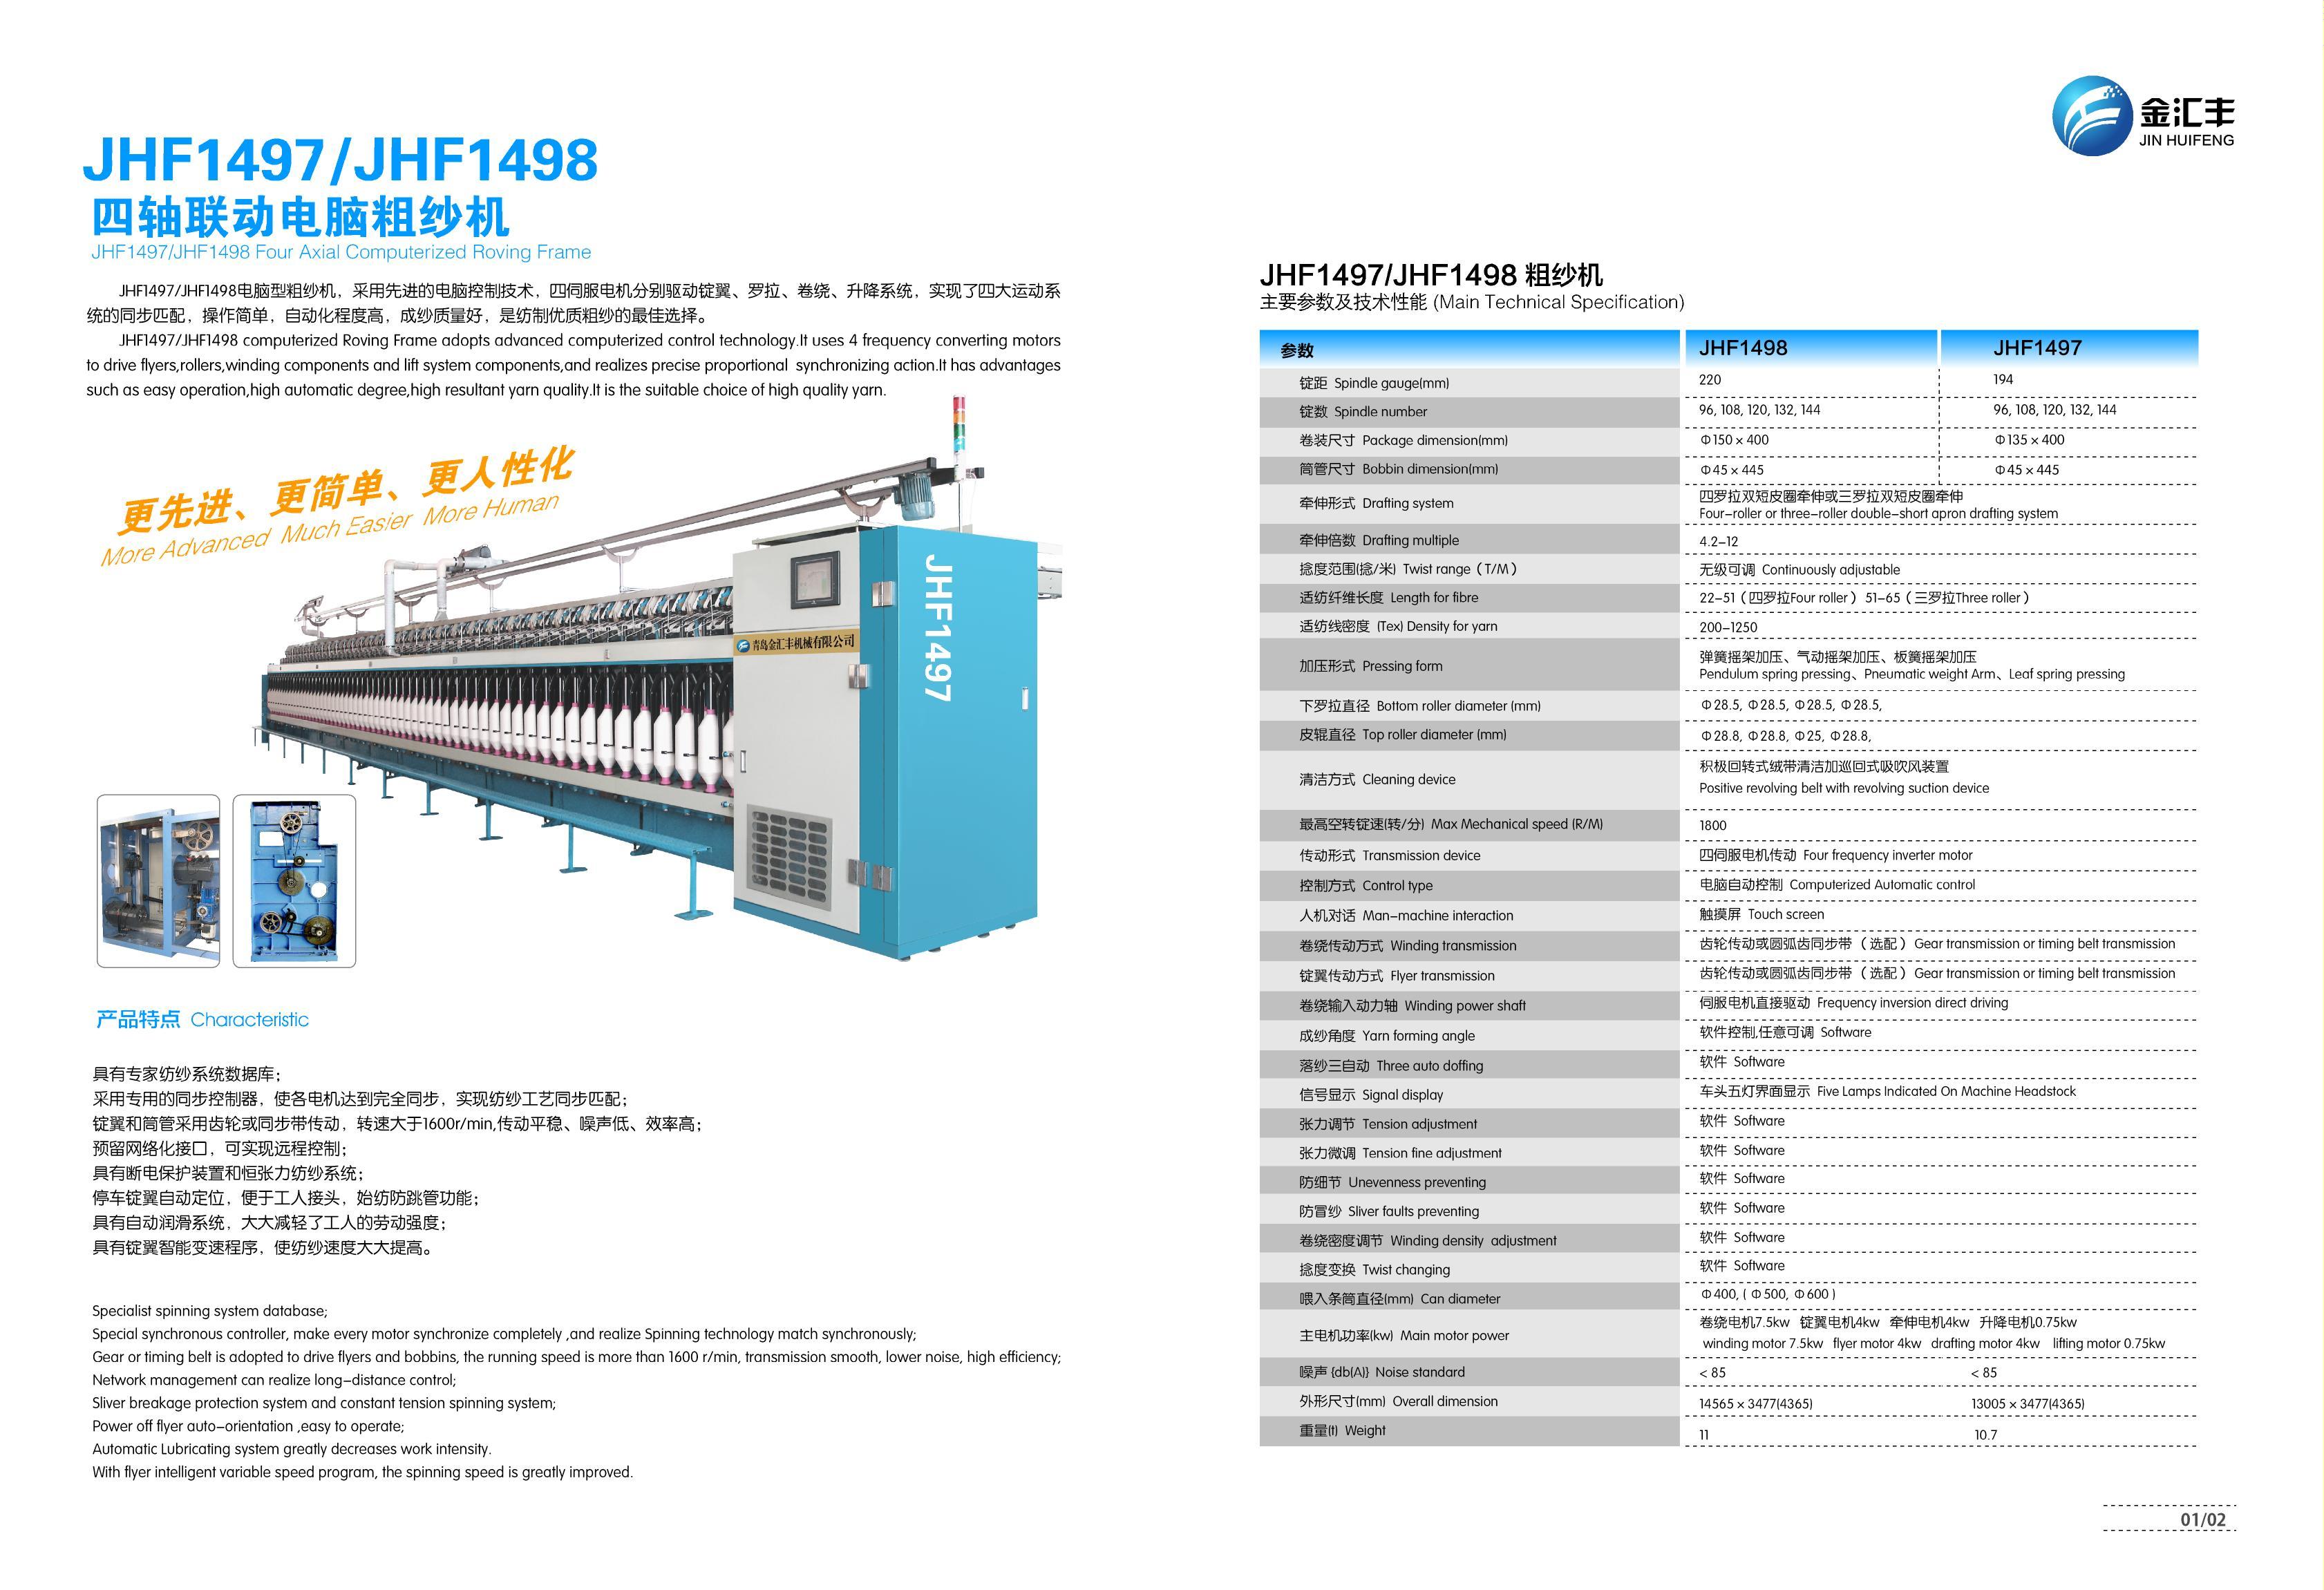 JHF1497/JHF1498四轴联动全伺服电脑棉纺粗纱机